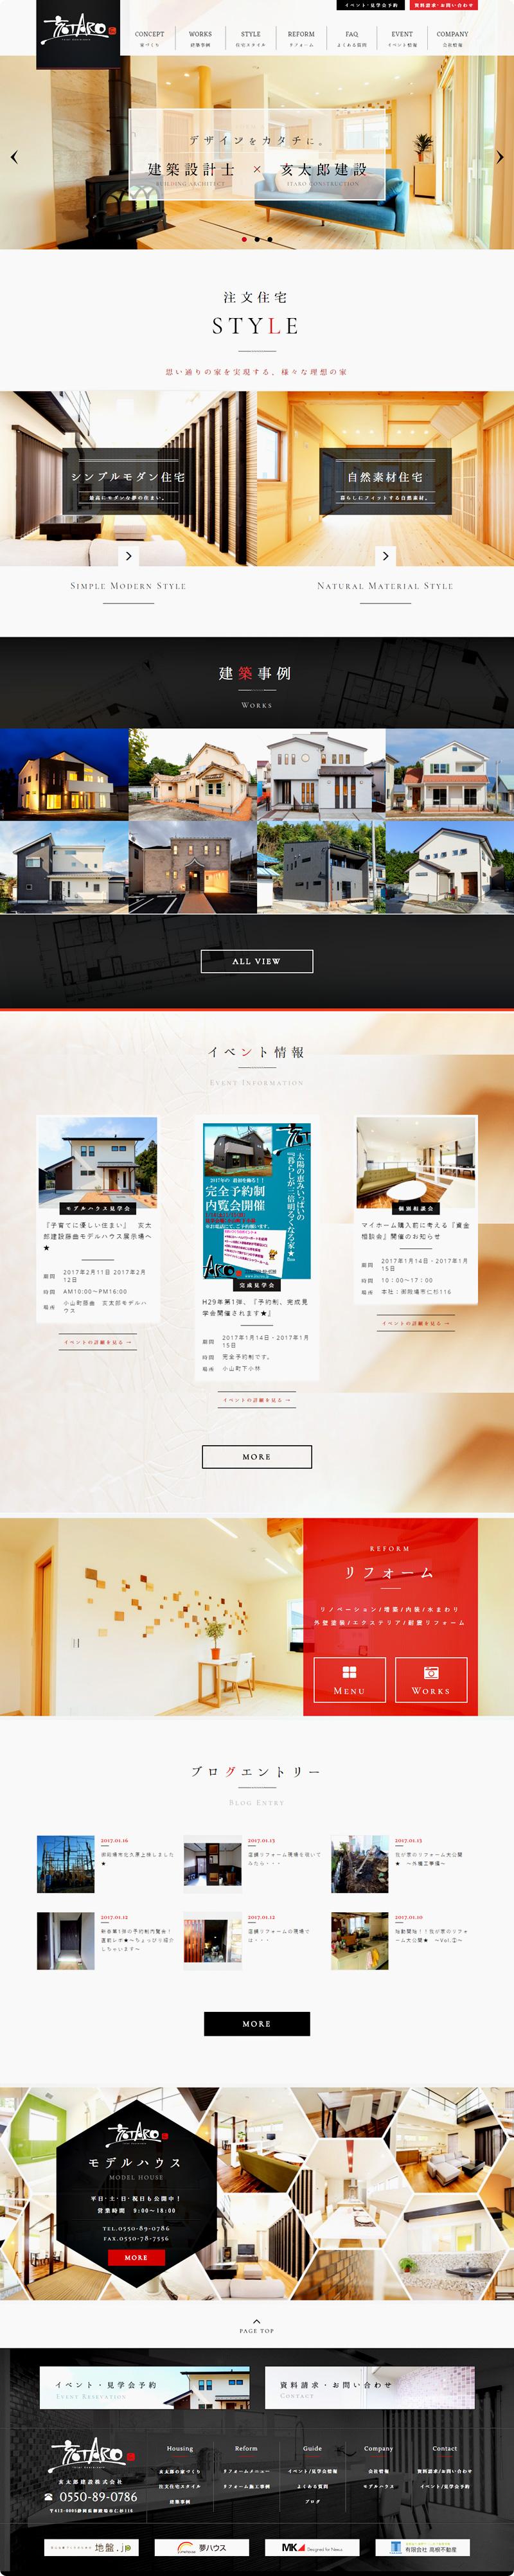 亥太郎建設株式会社